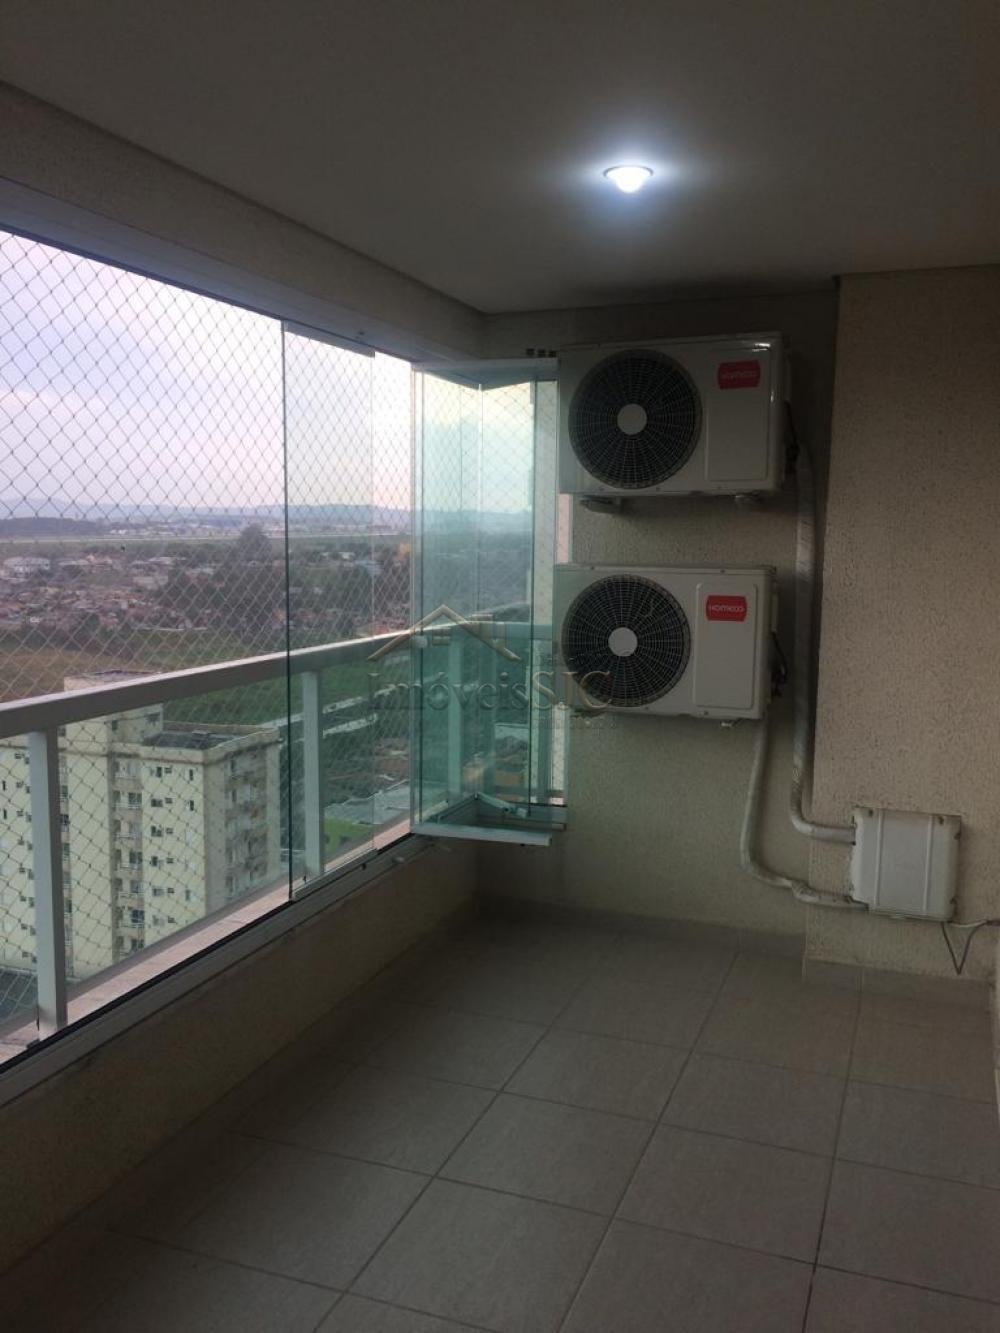 Comprar Apartamentos / Padrão em São José dos Campos apenas R$ 450.000,00 - Foto 3